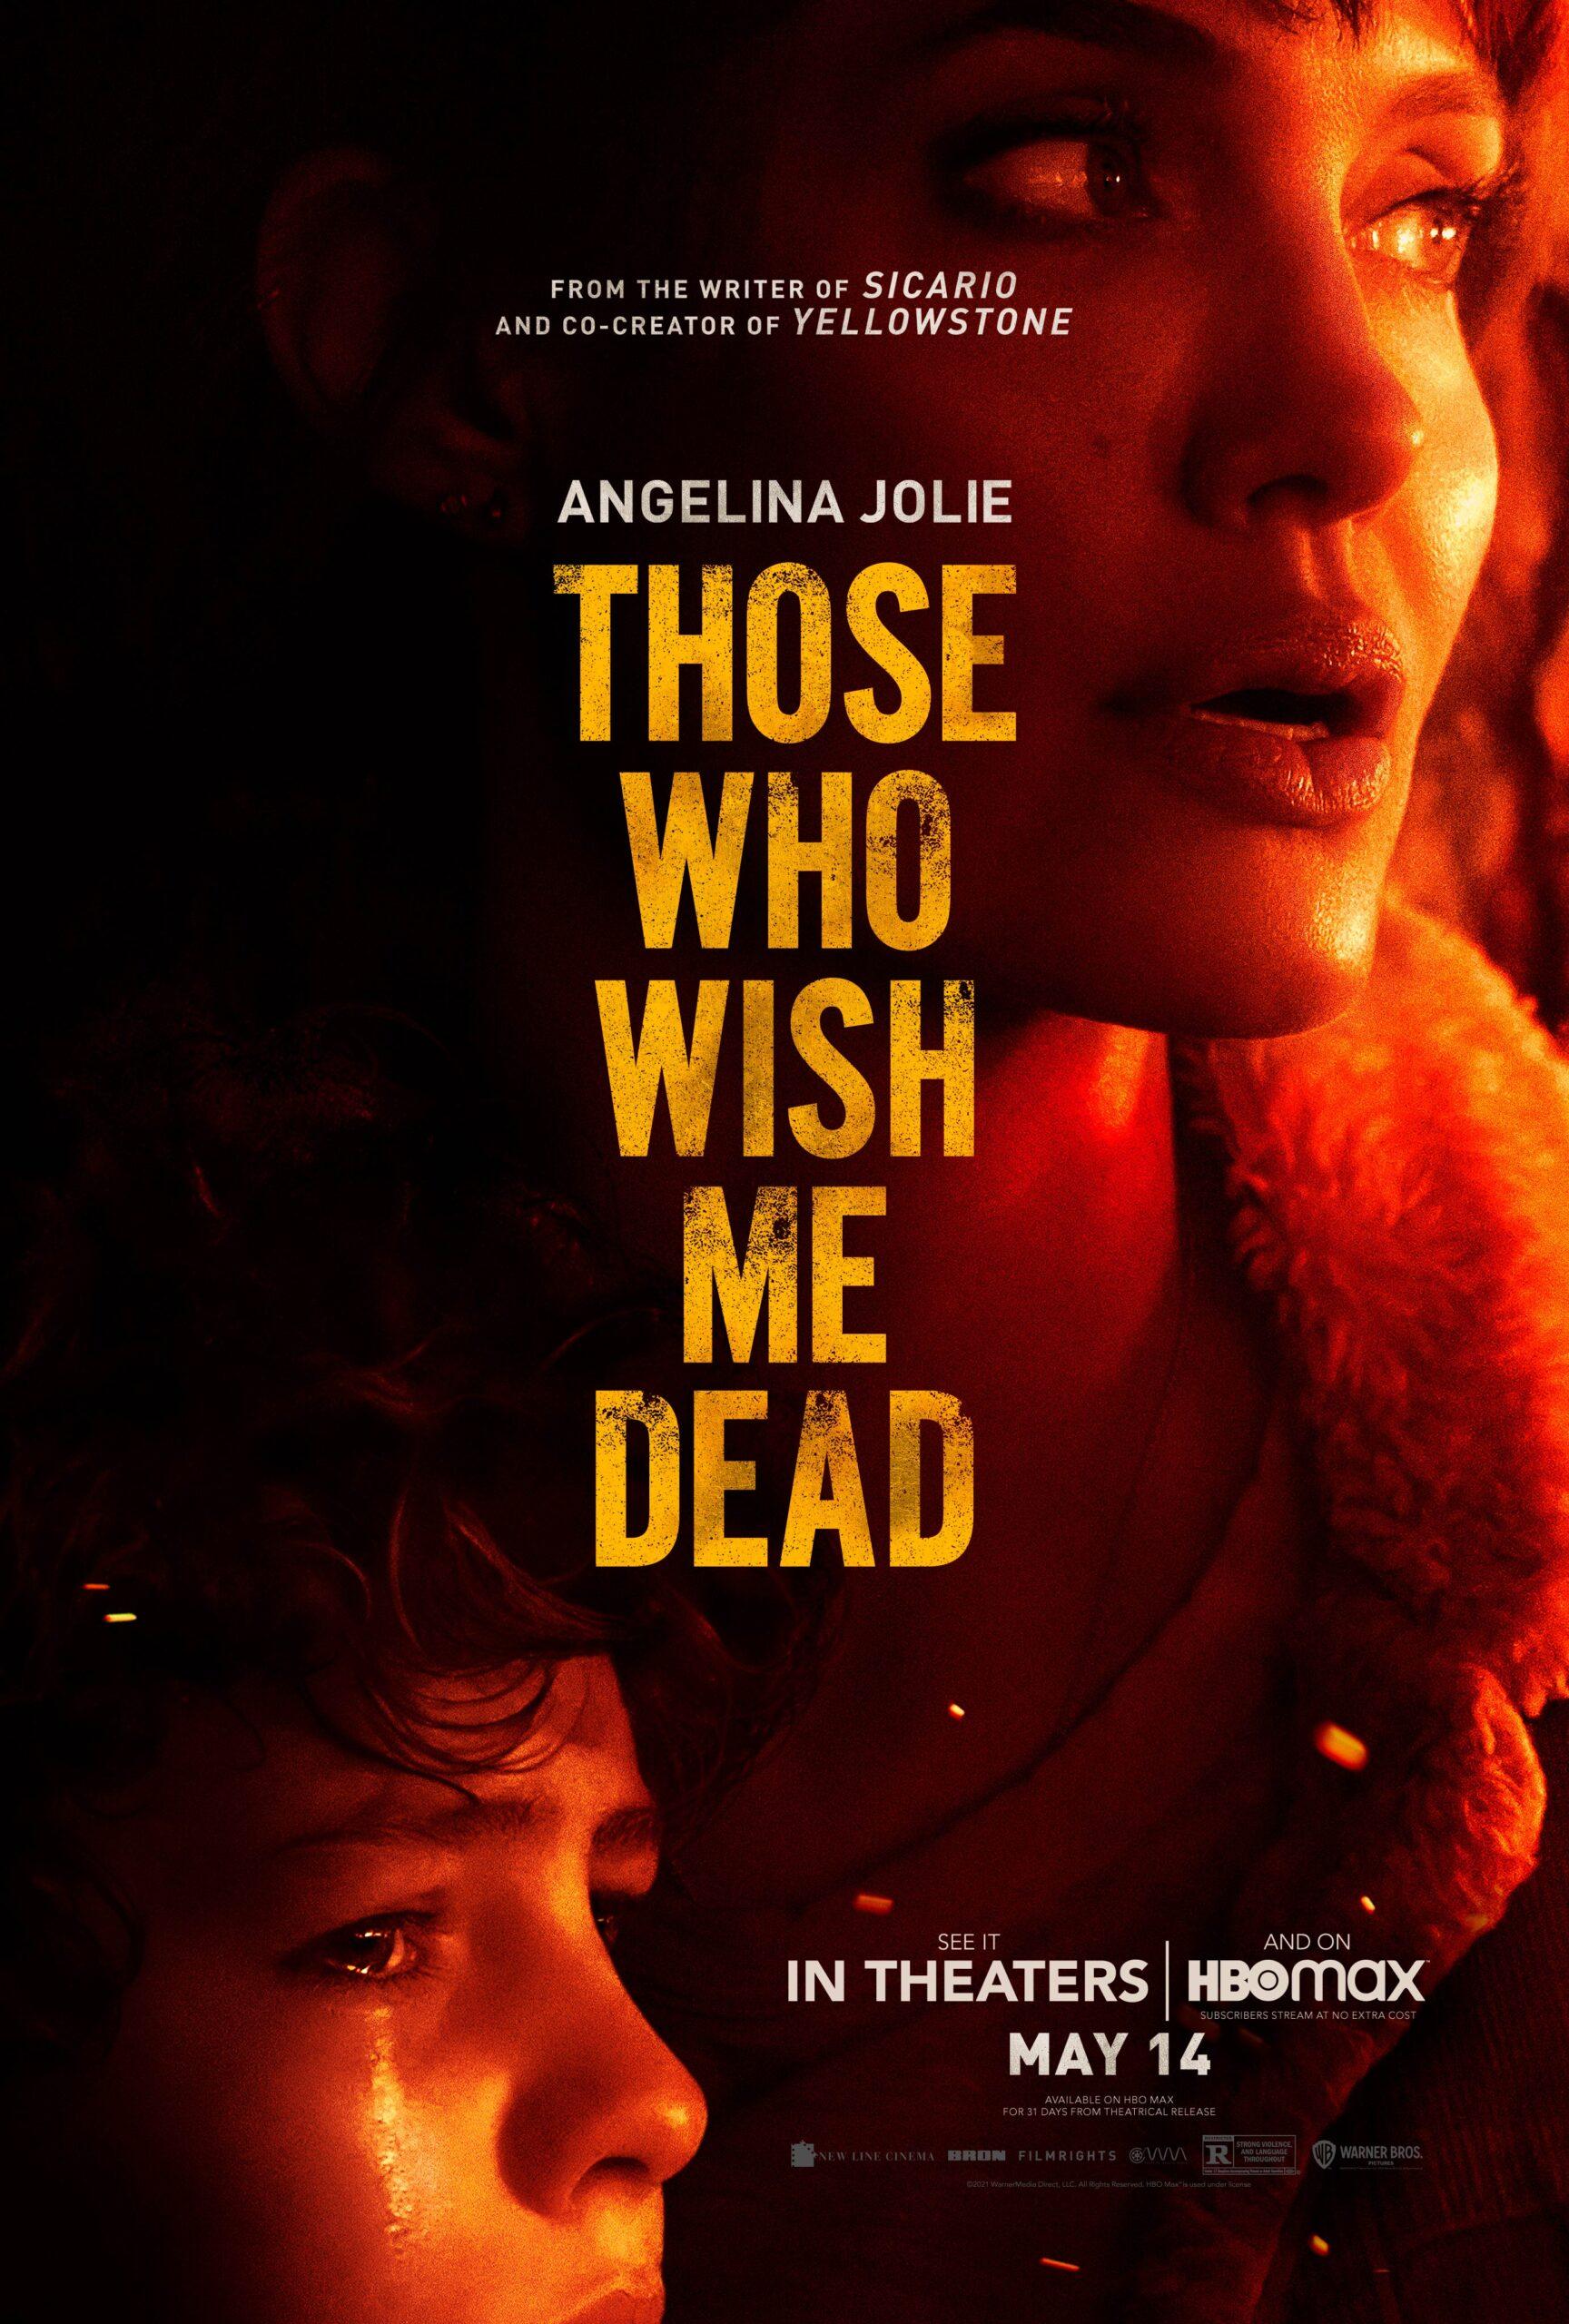 Those_Who_Wish_Me_Dead_Those_Who_Wish_Me_Dead_-_One_Sheet